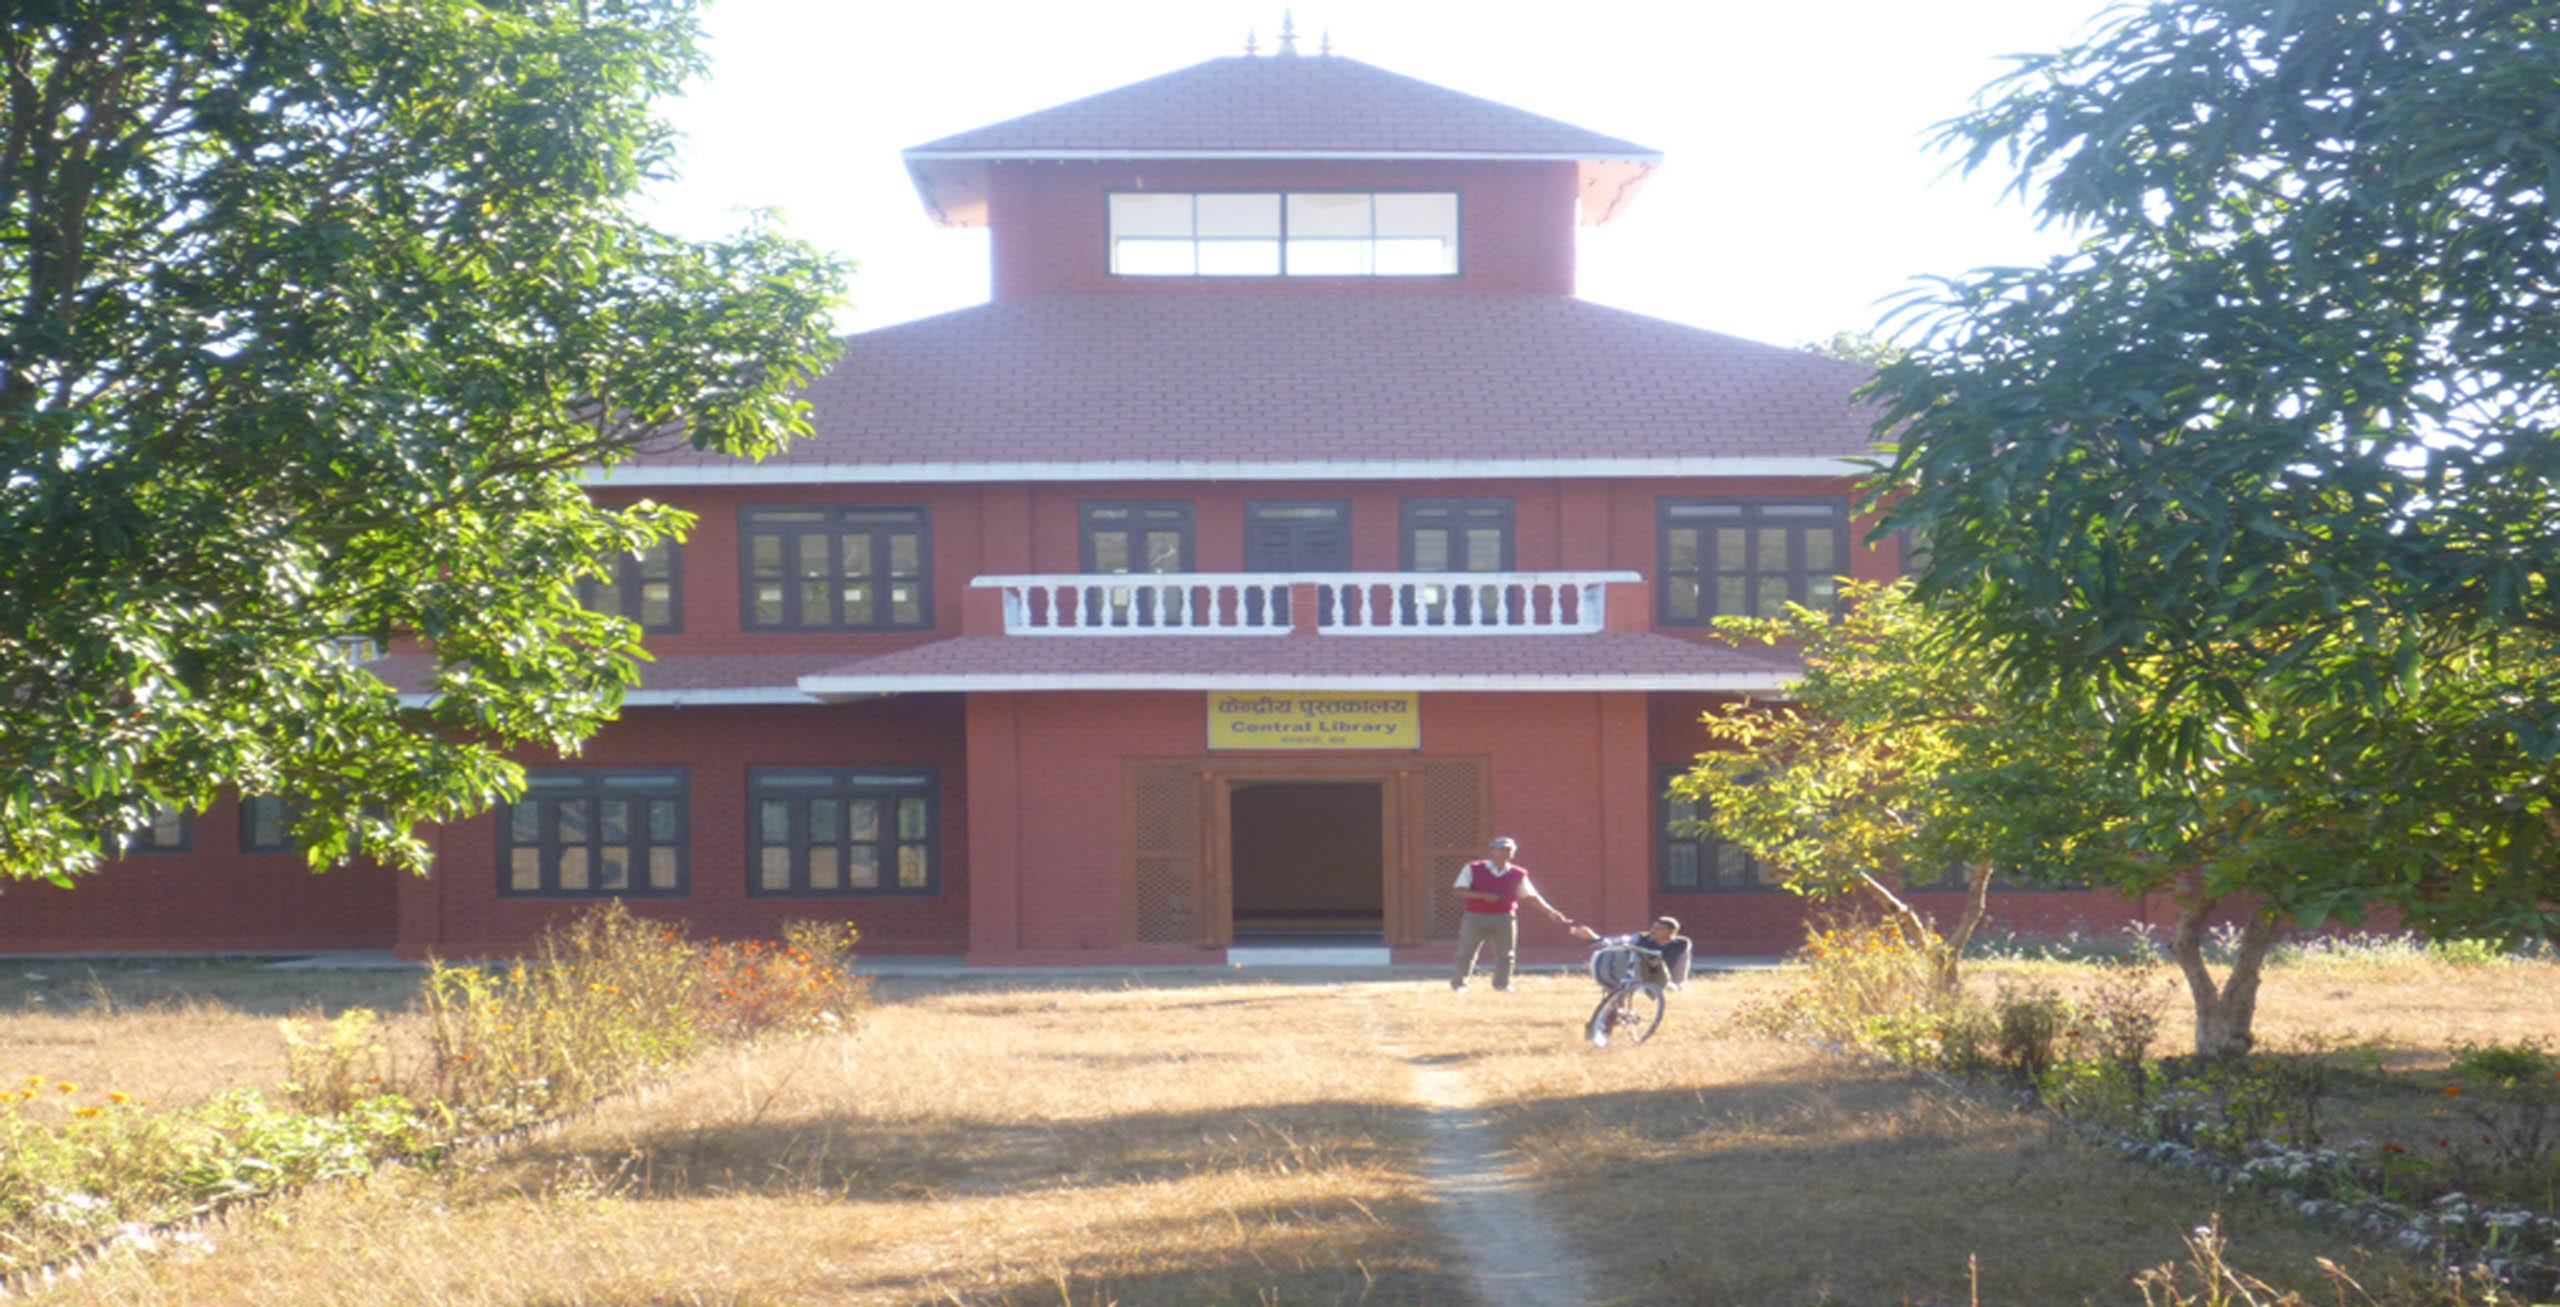 केन्द्रीय पुस्तकालय